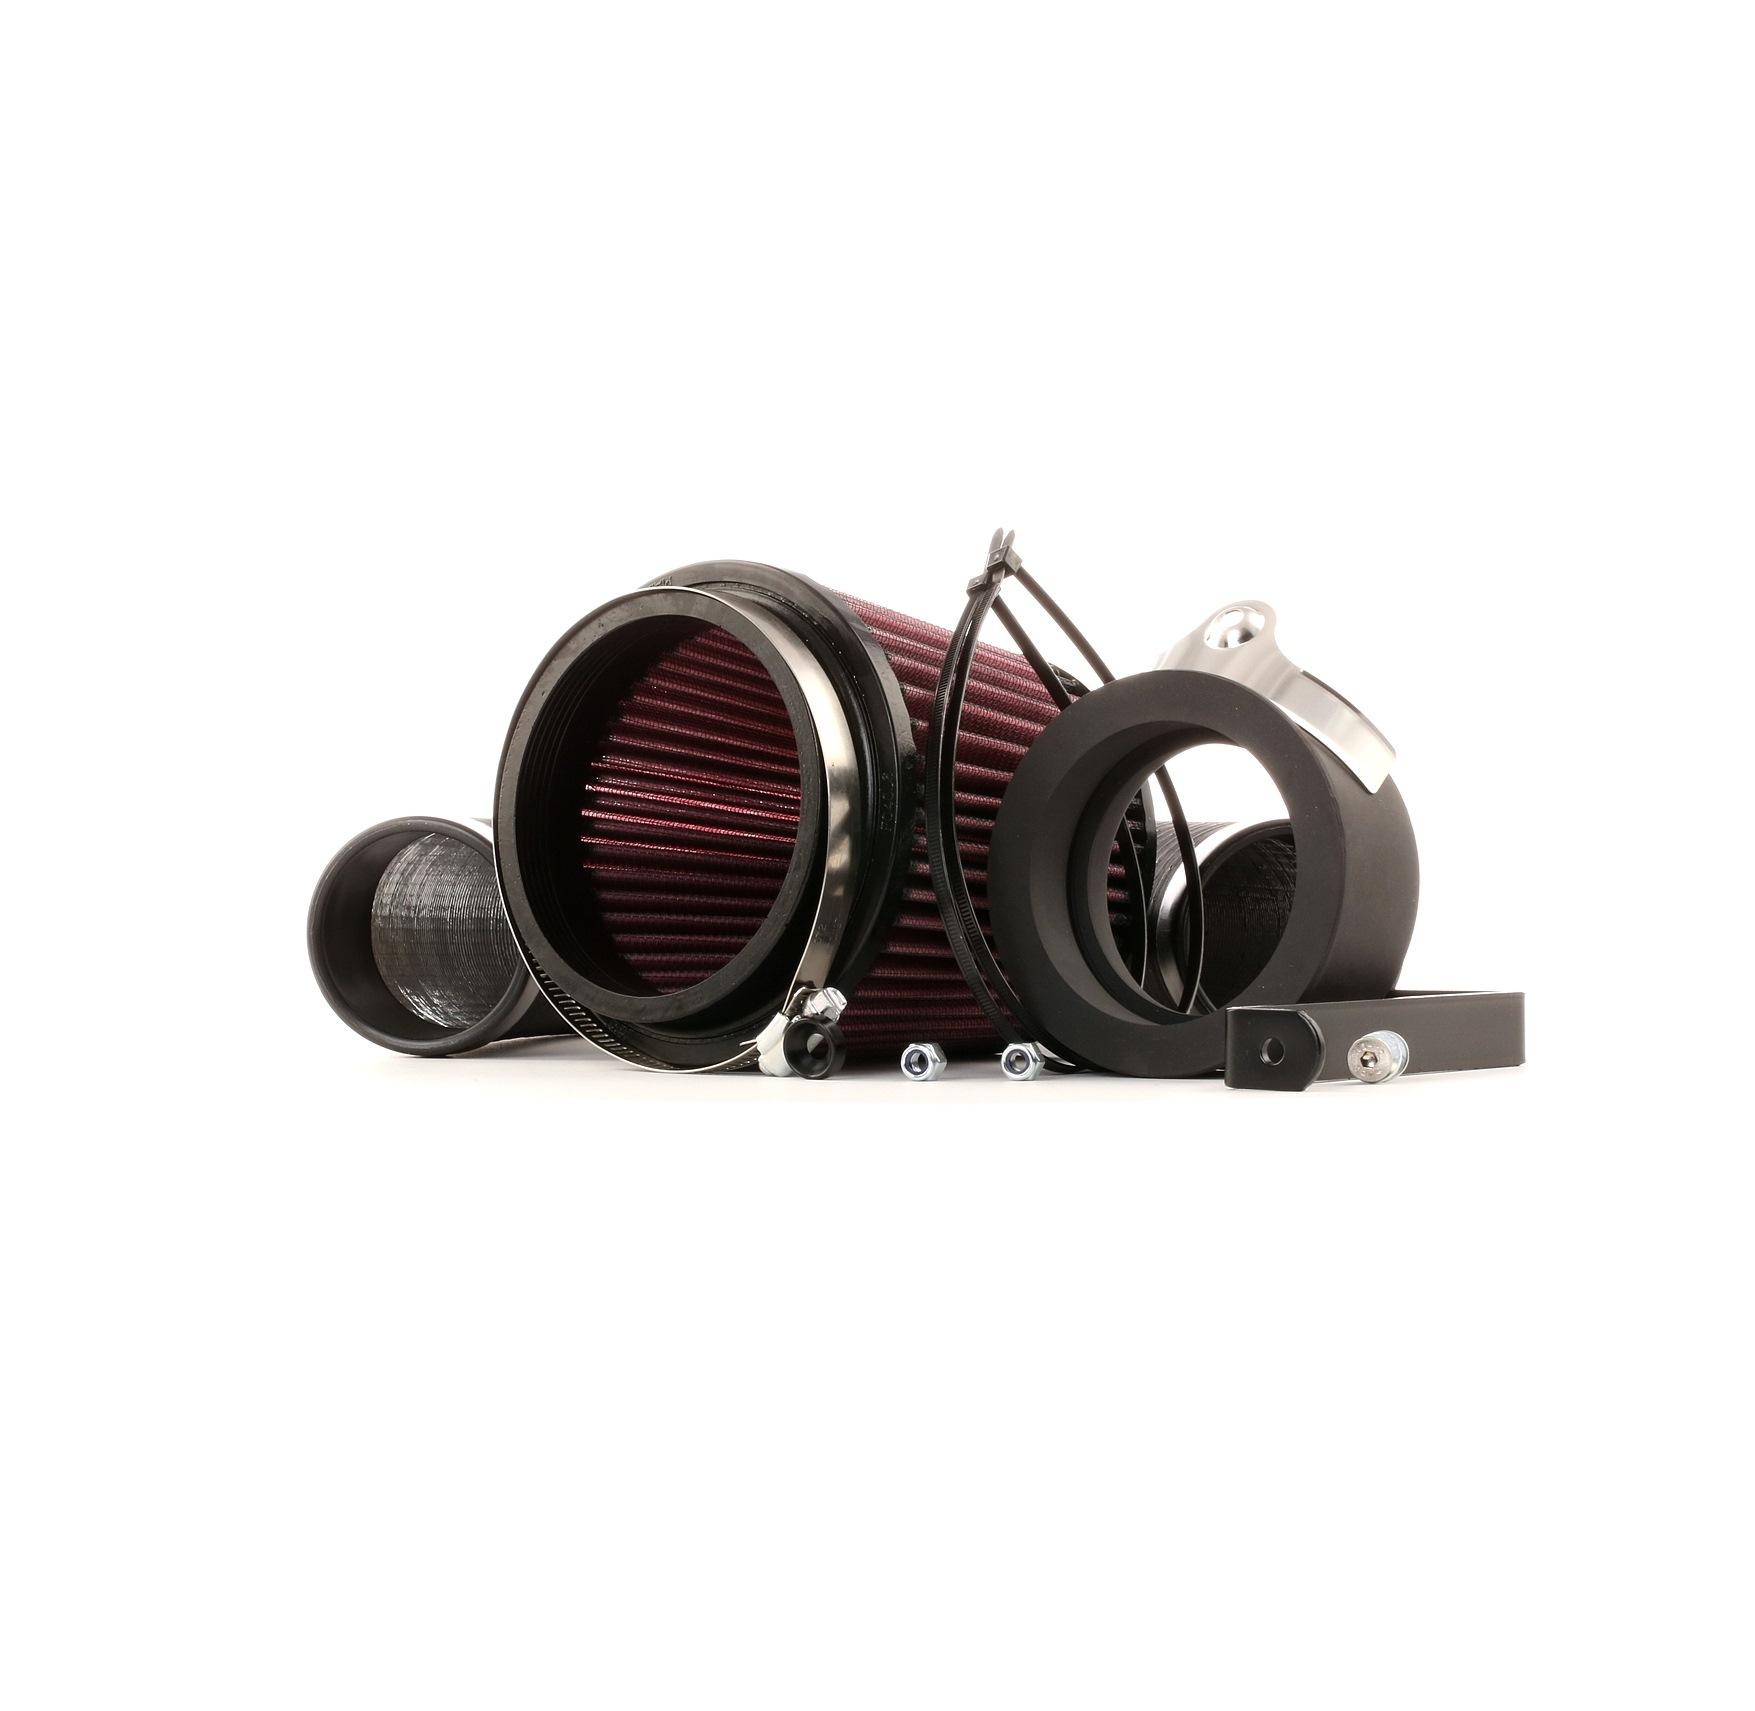 Sportovni filtr vzduchu 57-0648-1 s vynikajícím poměrem mezi cenou a K&N Filters kvalitou